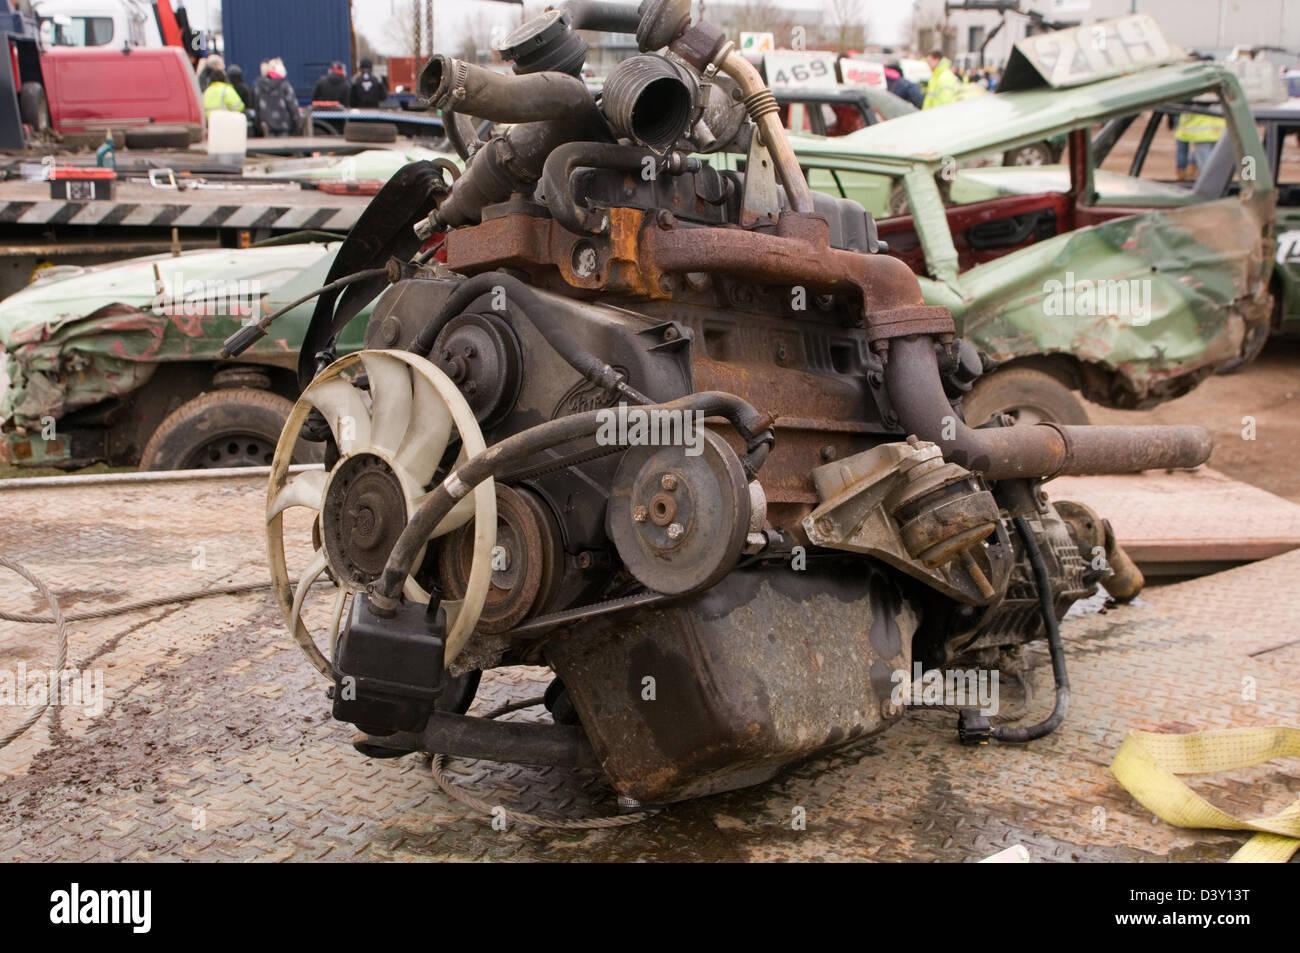 Scrap Yards That Buy Cars